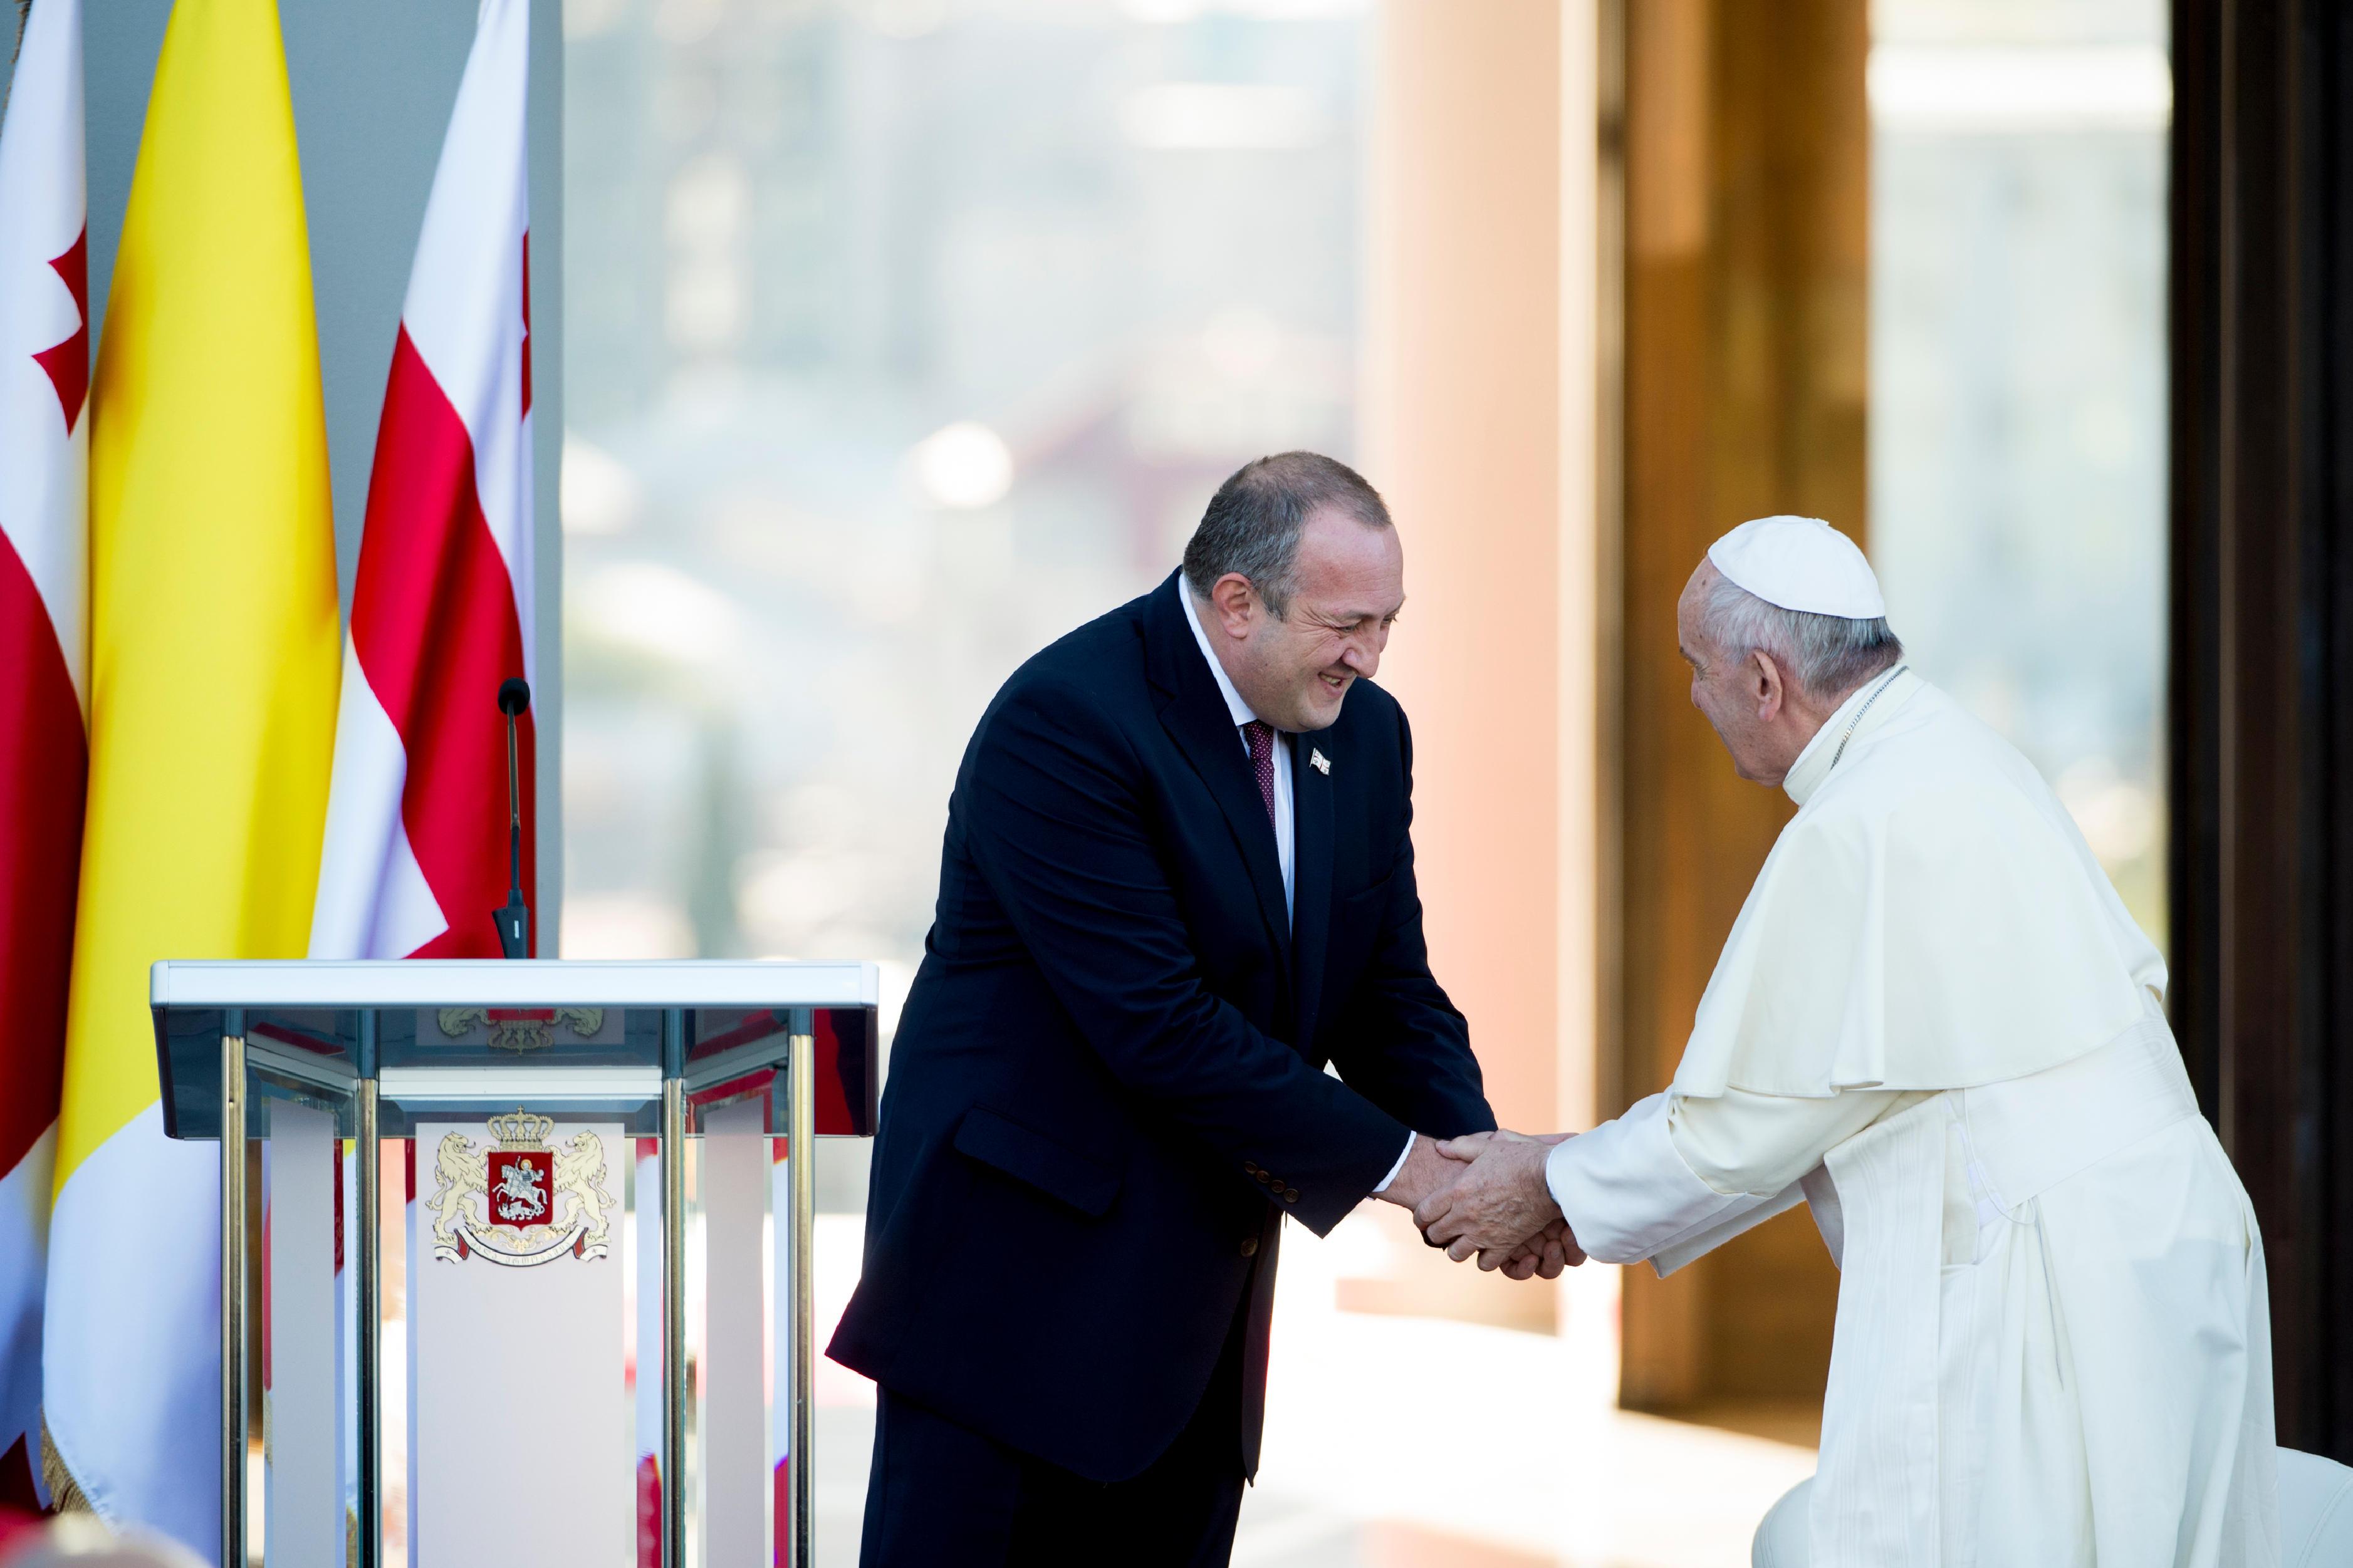 Visite au palais présidentiel de Tbilissi © L'Osservatore Romano